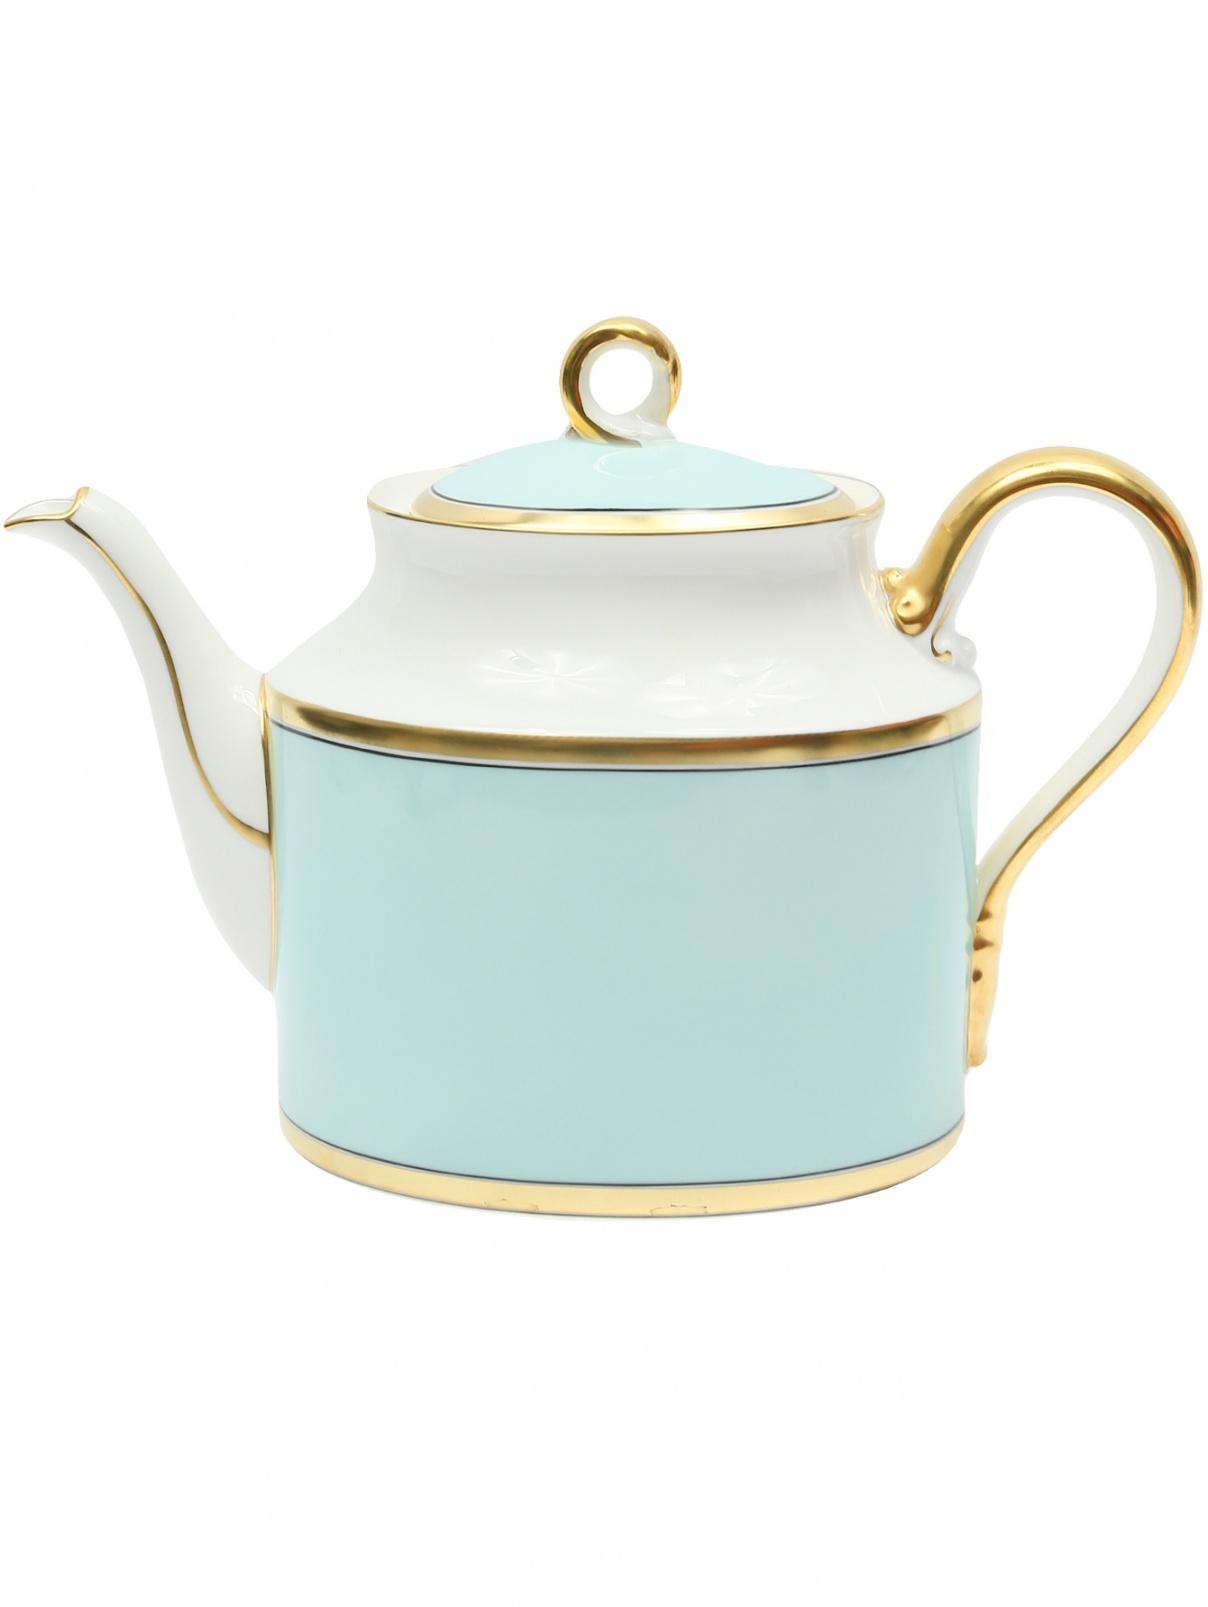 Фарфоровый чайник с золотой окантовкой 11.5 x 17 Richard Ginori 1735  –  Общий вид